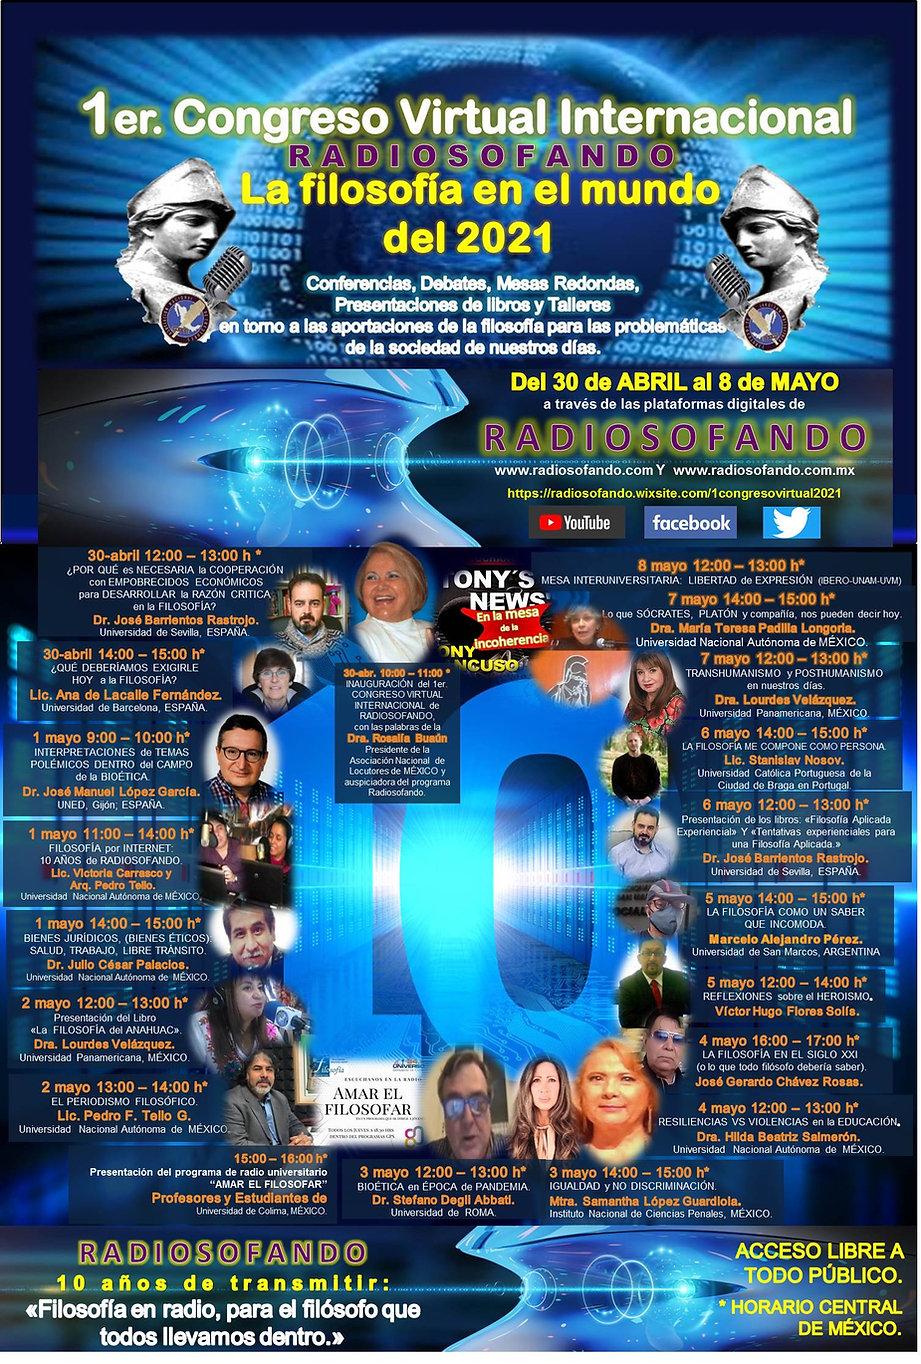 cartel 1congreso radiosofando 2021-3.jpg